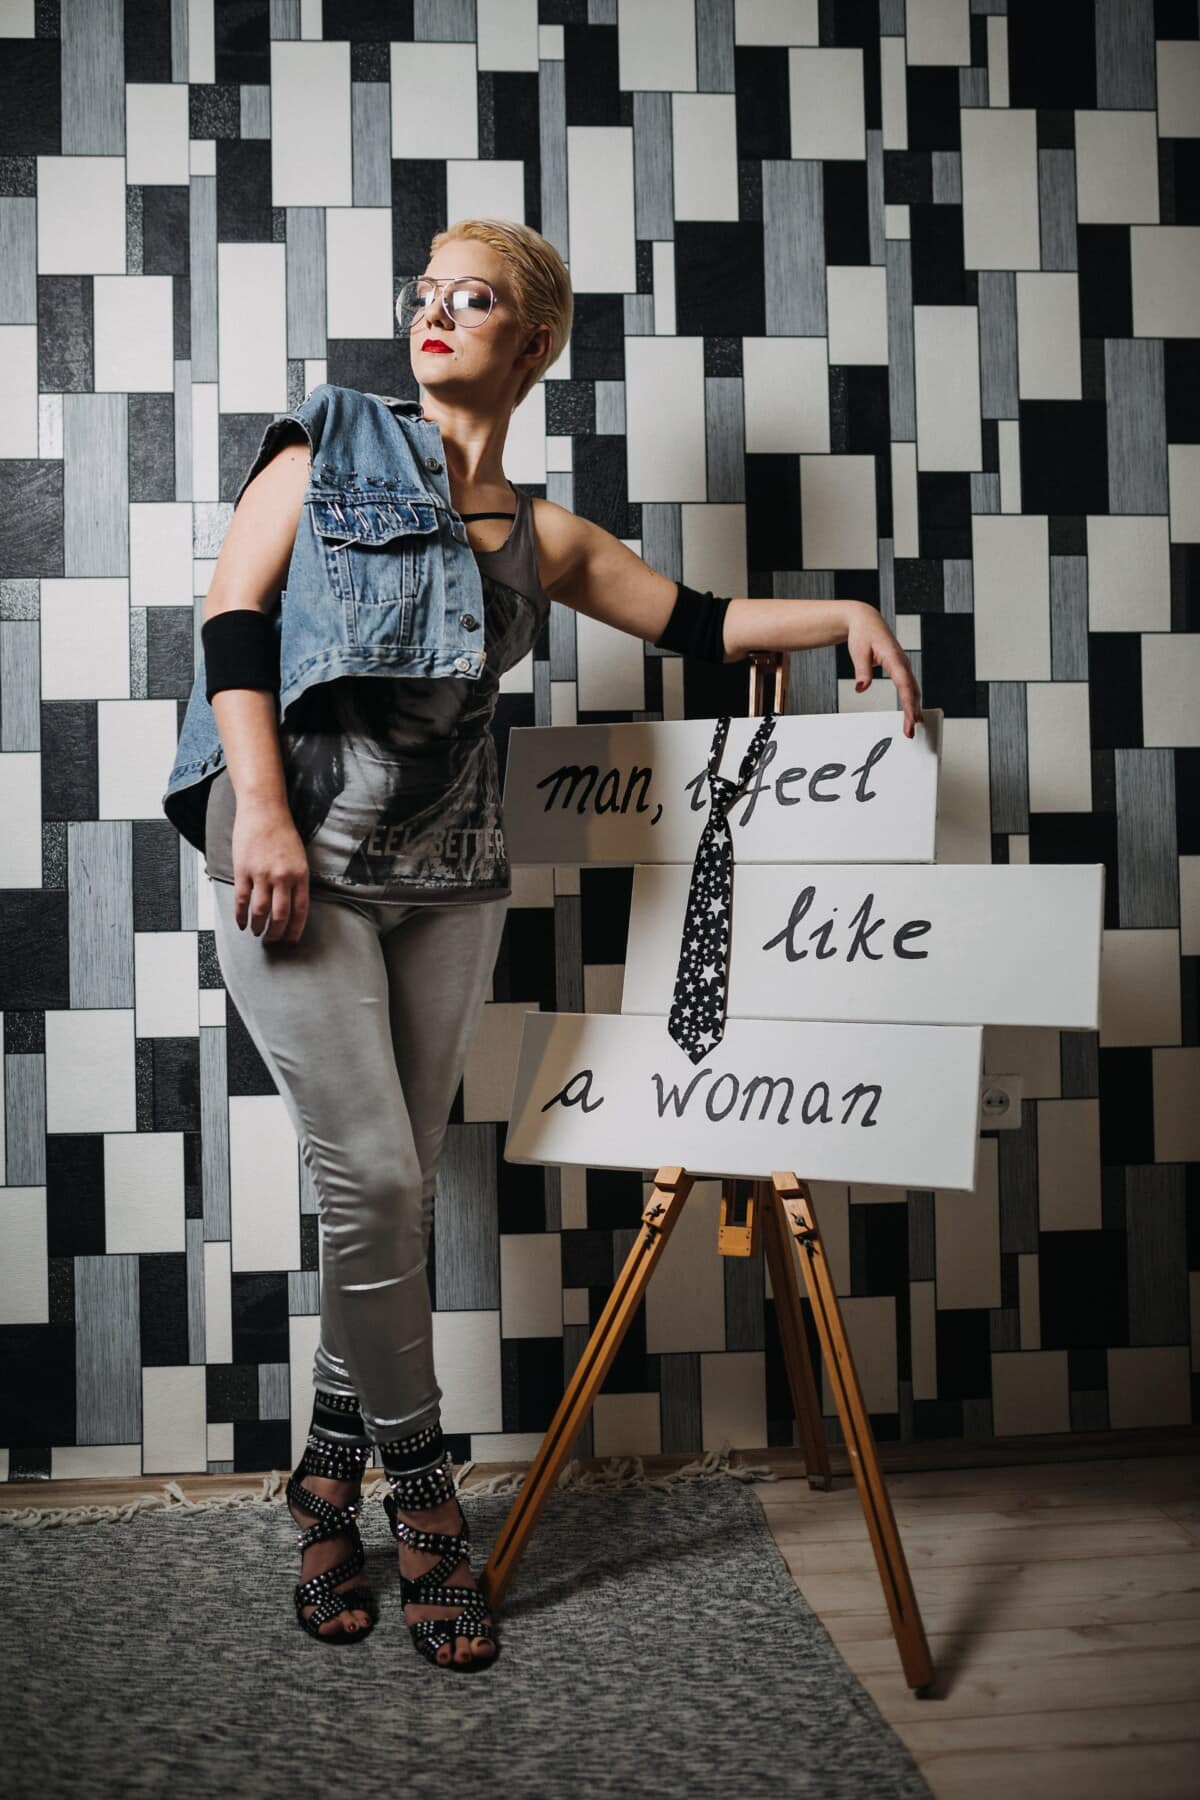 casual, outfit, fashion, design, designer, studio, feminine, message, attractive, woman